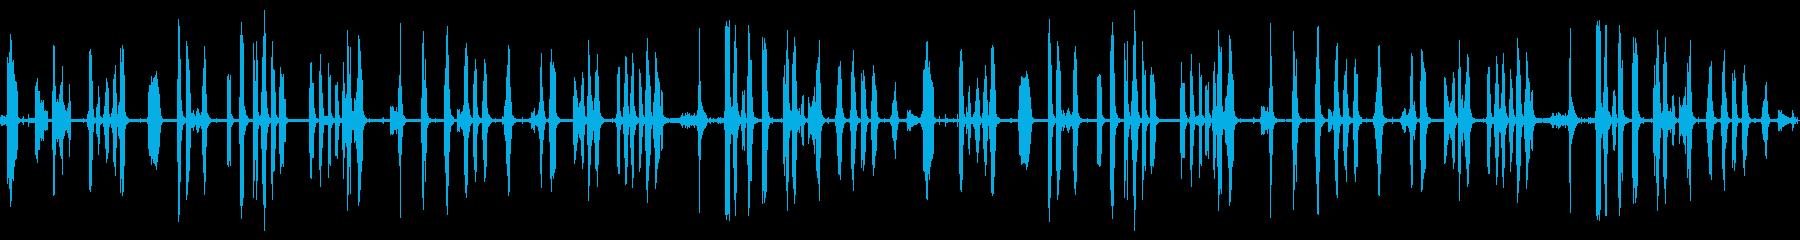 鳴き声、R歯類他の野生動物の再生済みの波形